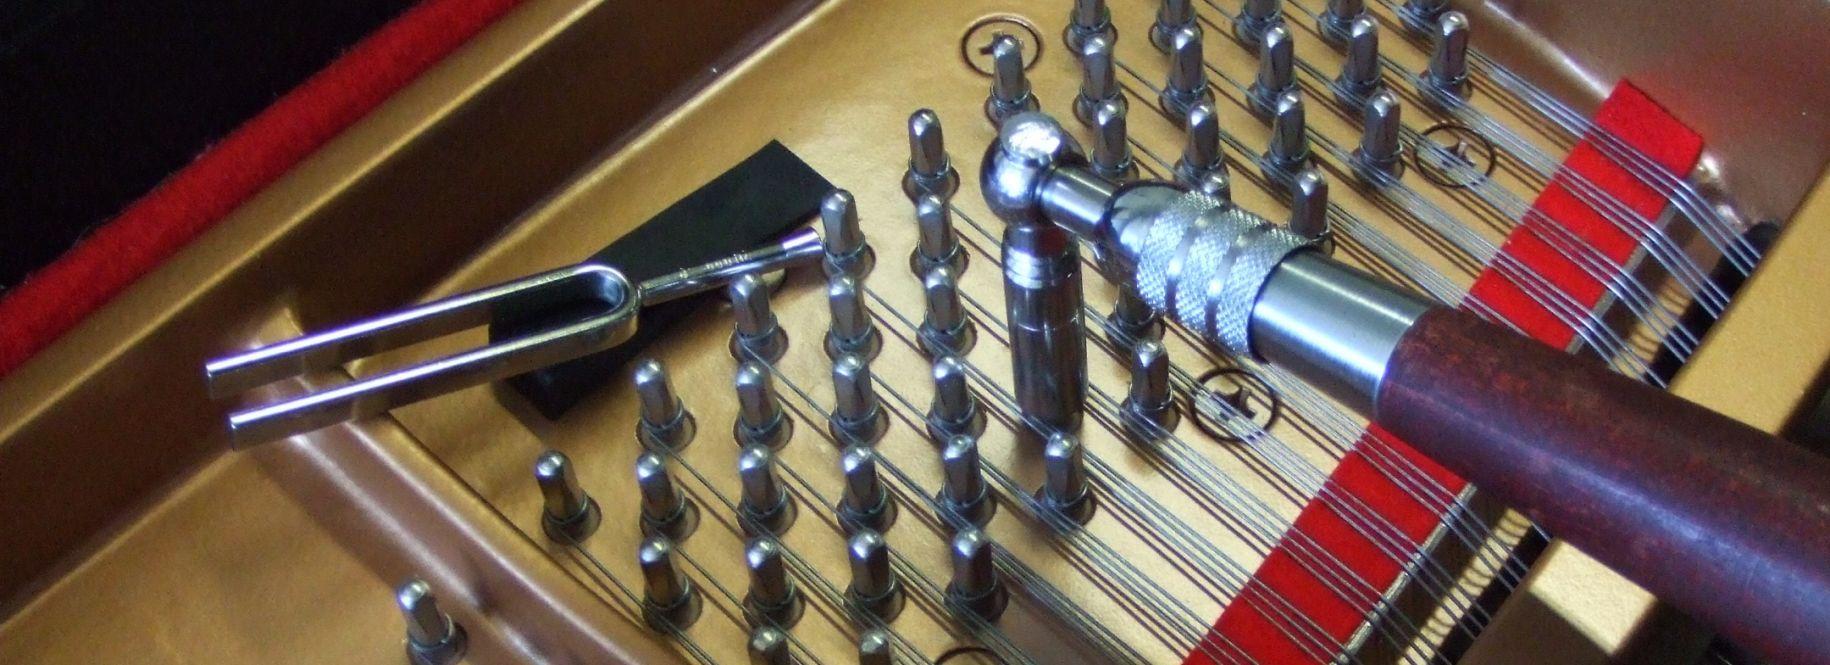 Klavierstimmer Klavierbauer Südtirol Peter Plaschke